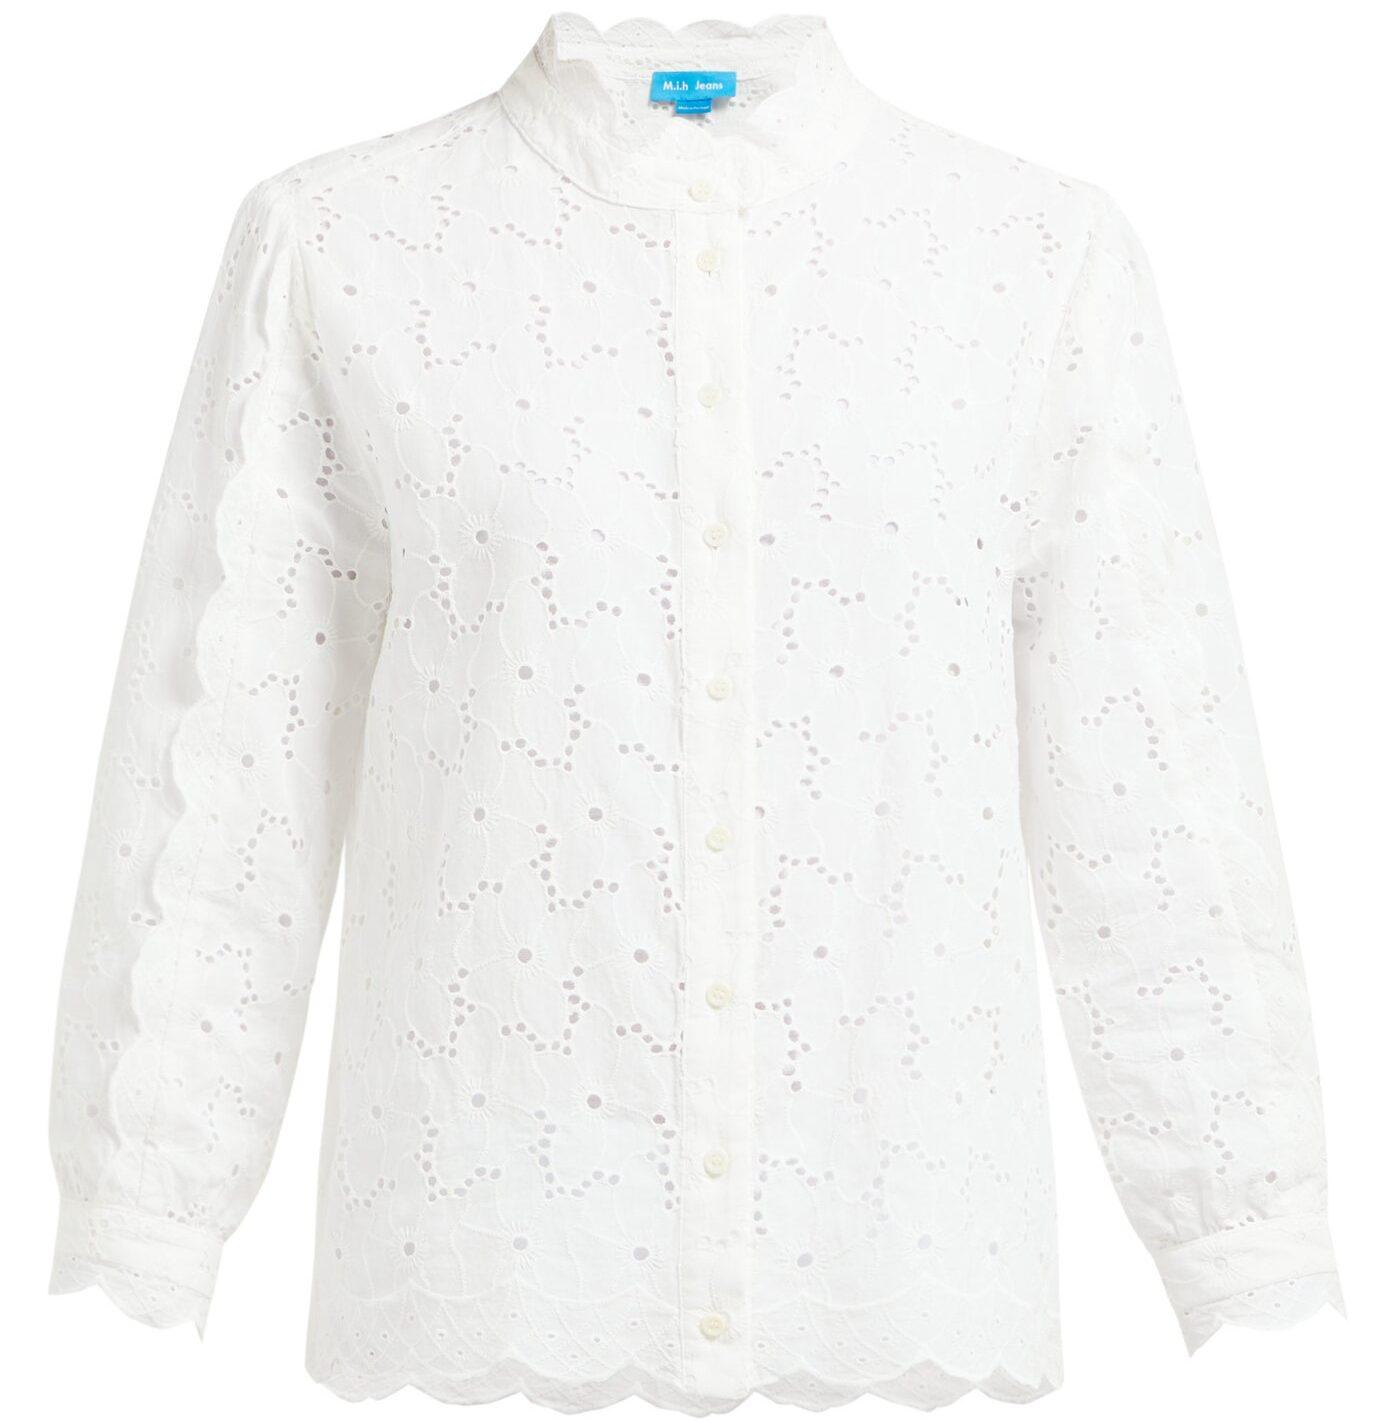 M.I.H floral shirt